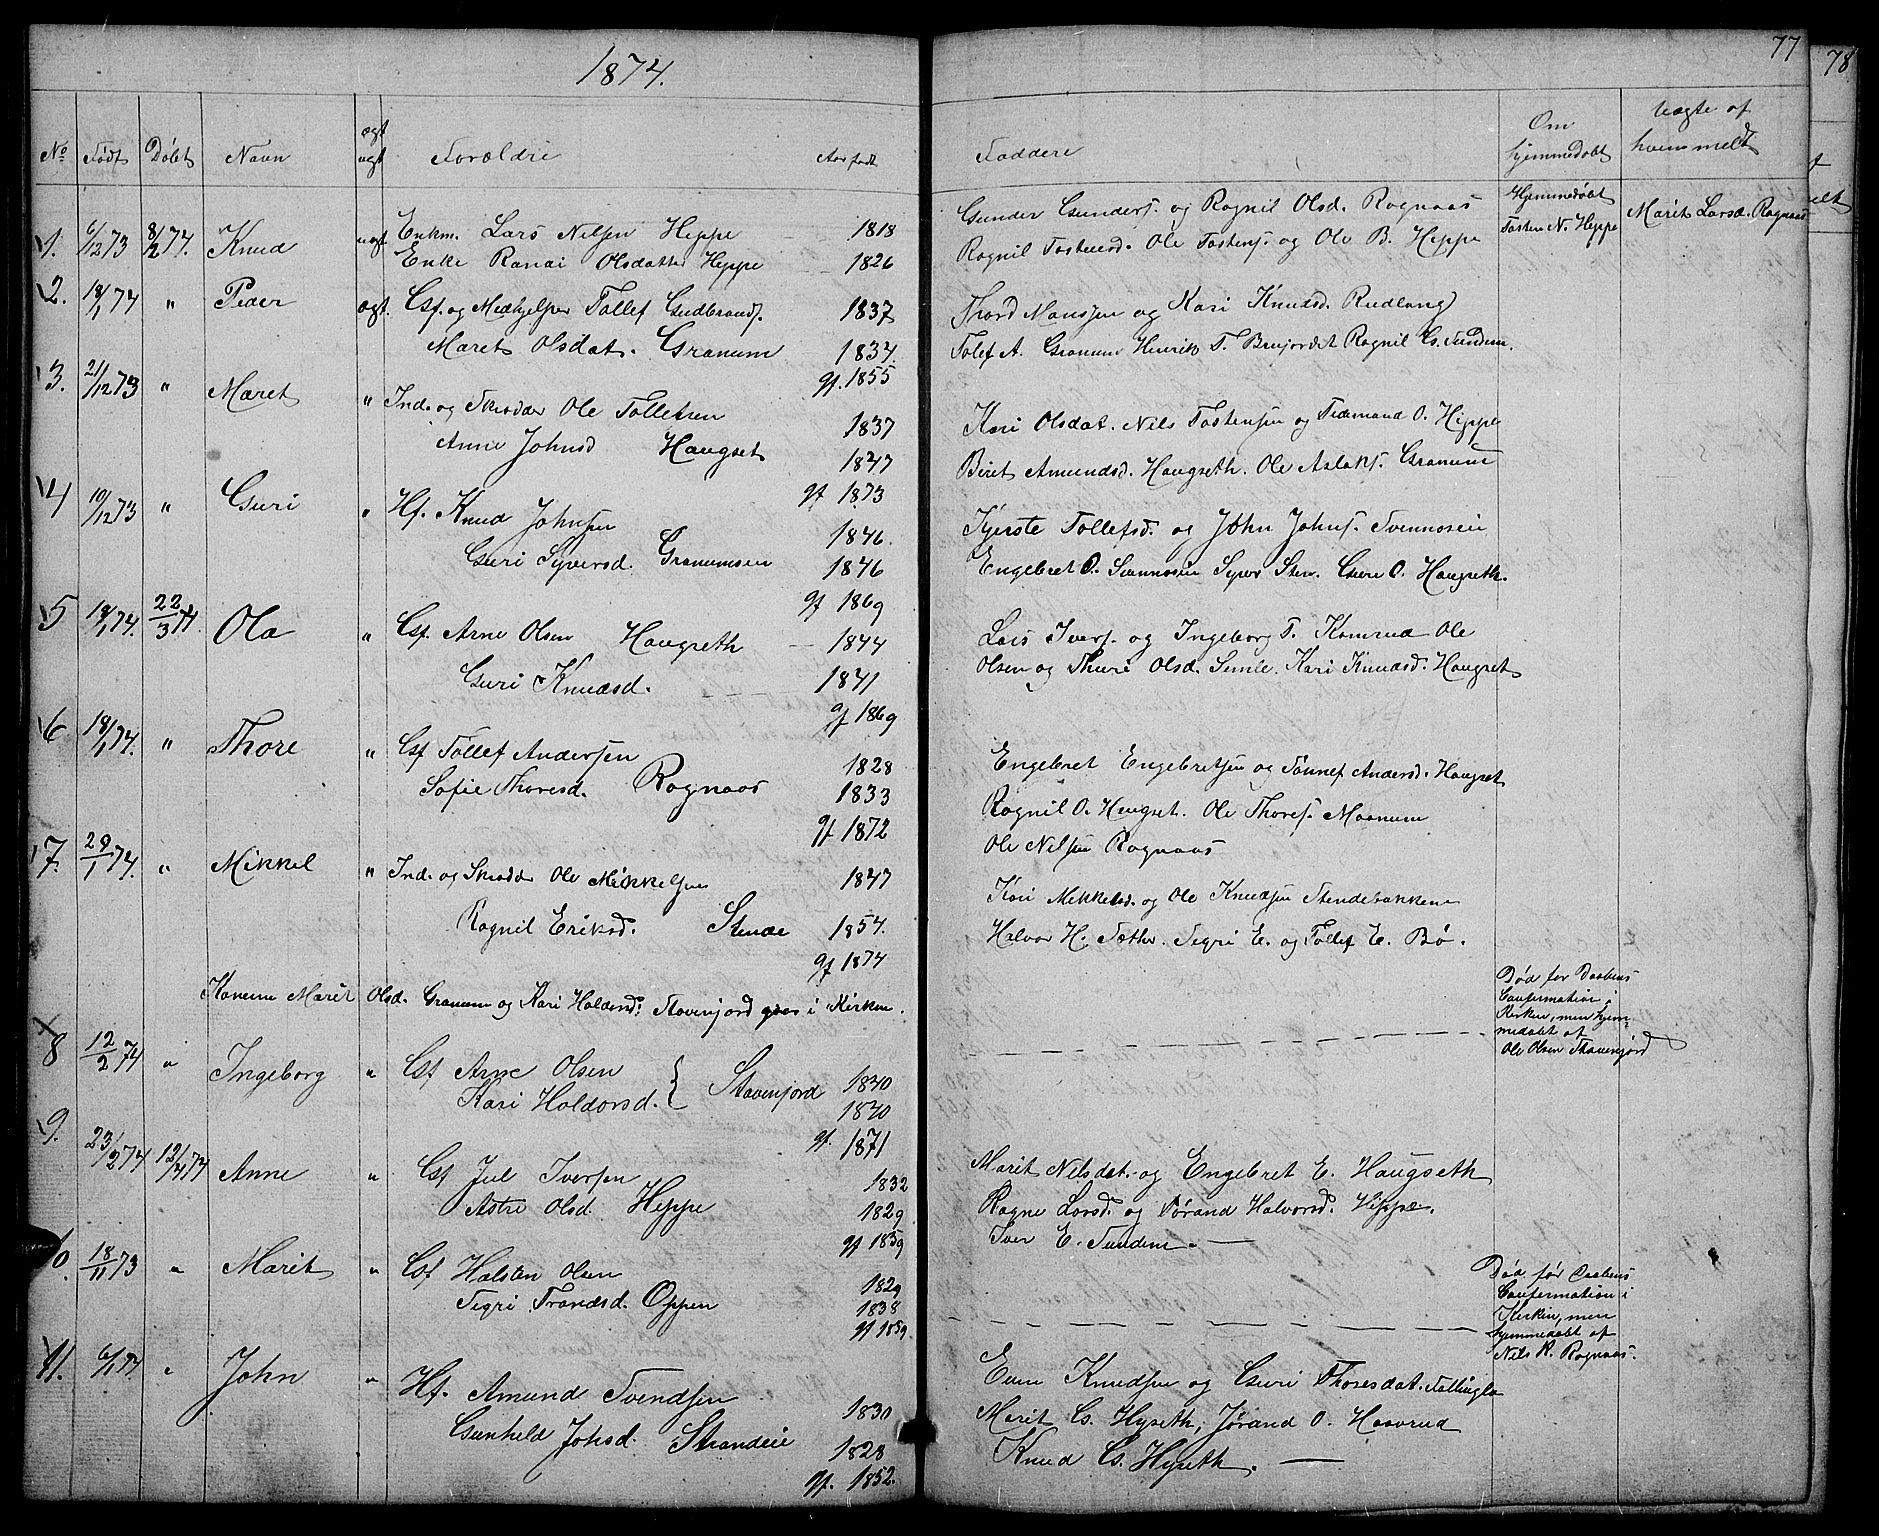 SAH, Nord-Aurdal prestekontor, Klokkerbok nr. 4, 1842-1882, s. 77